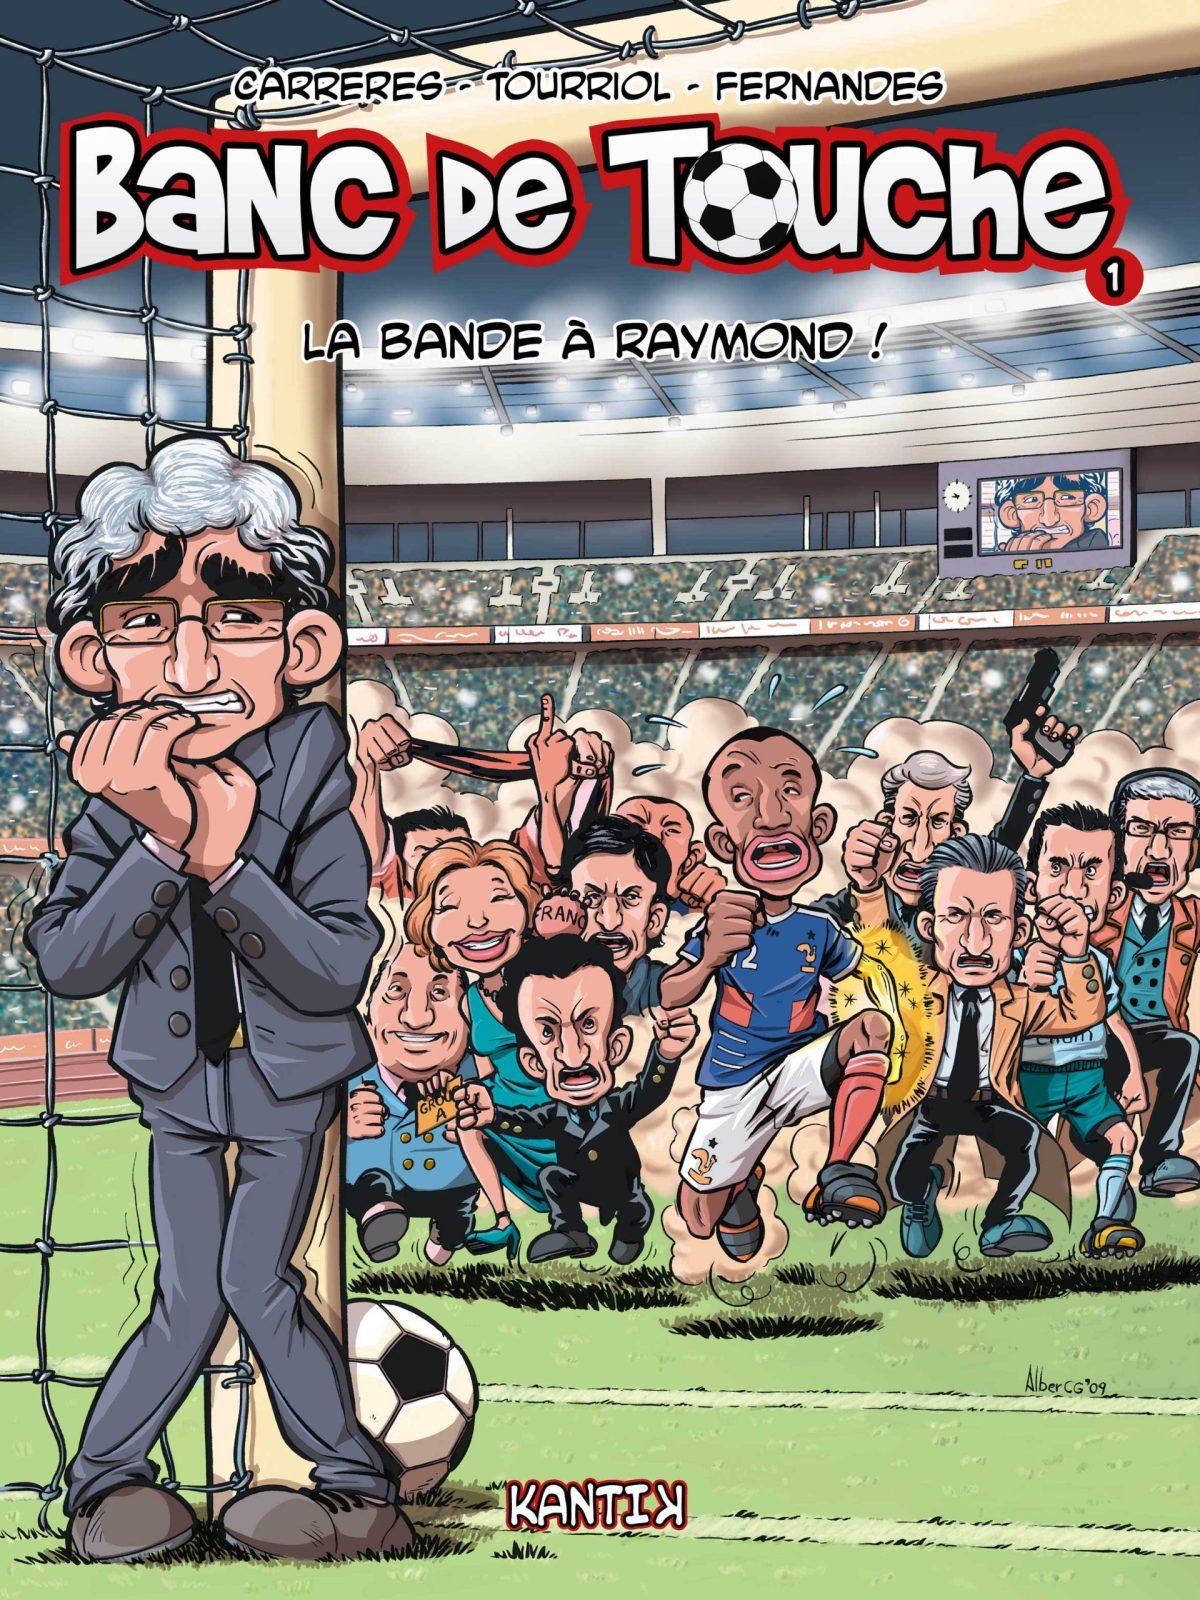 Une BD qui cartonne ! Banc de touche © Edmond Tourriol, Daniel Fernandes, Albert Carreres. Tome 1 : La Bande à Raymond